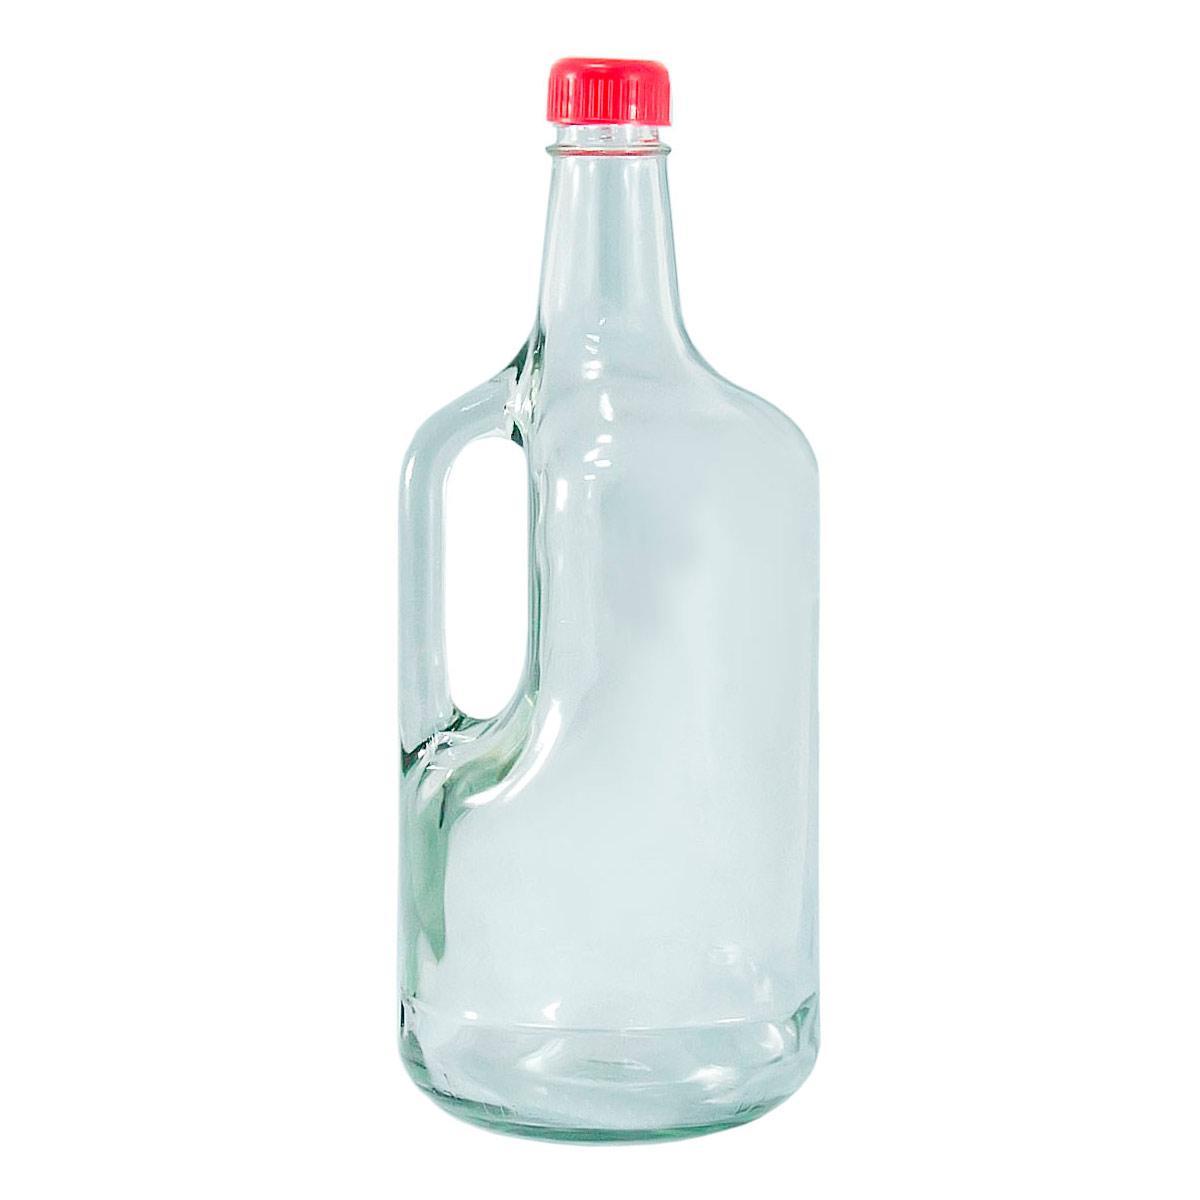 Бутылка стеклянная 1750 мл с ручкой и пластиковой крышкой с дозатором Everglass